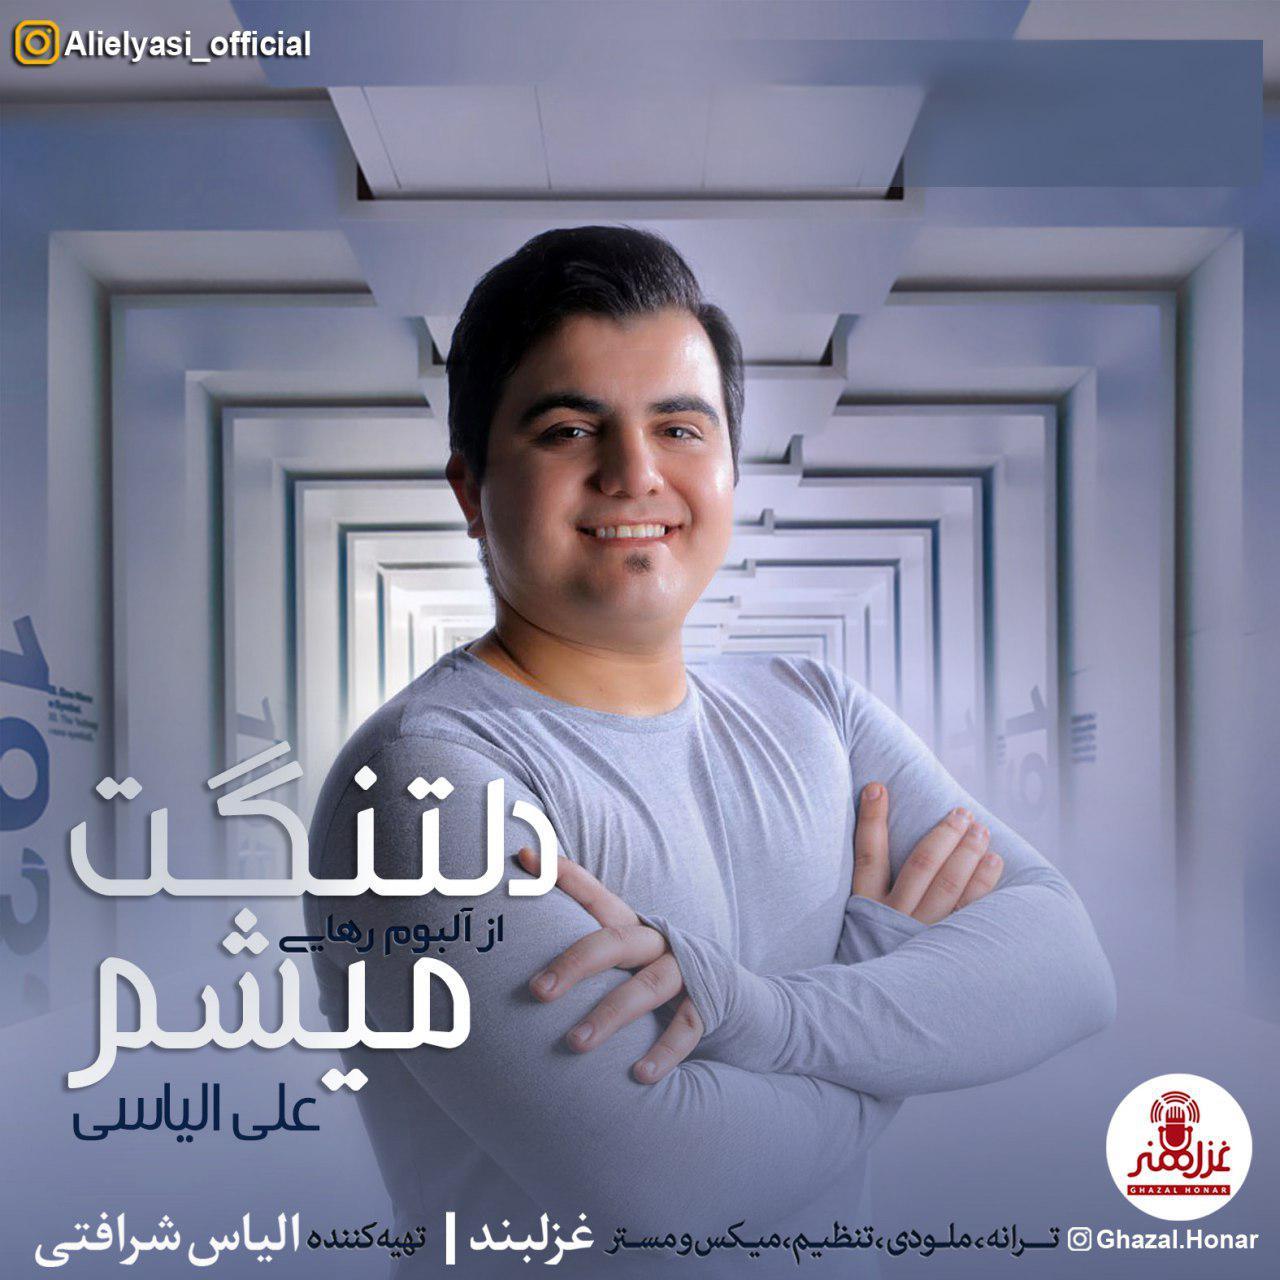 Ali Elyasi – Deltanget Misham